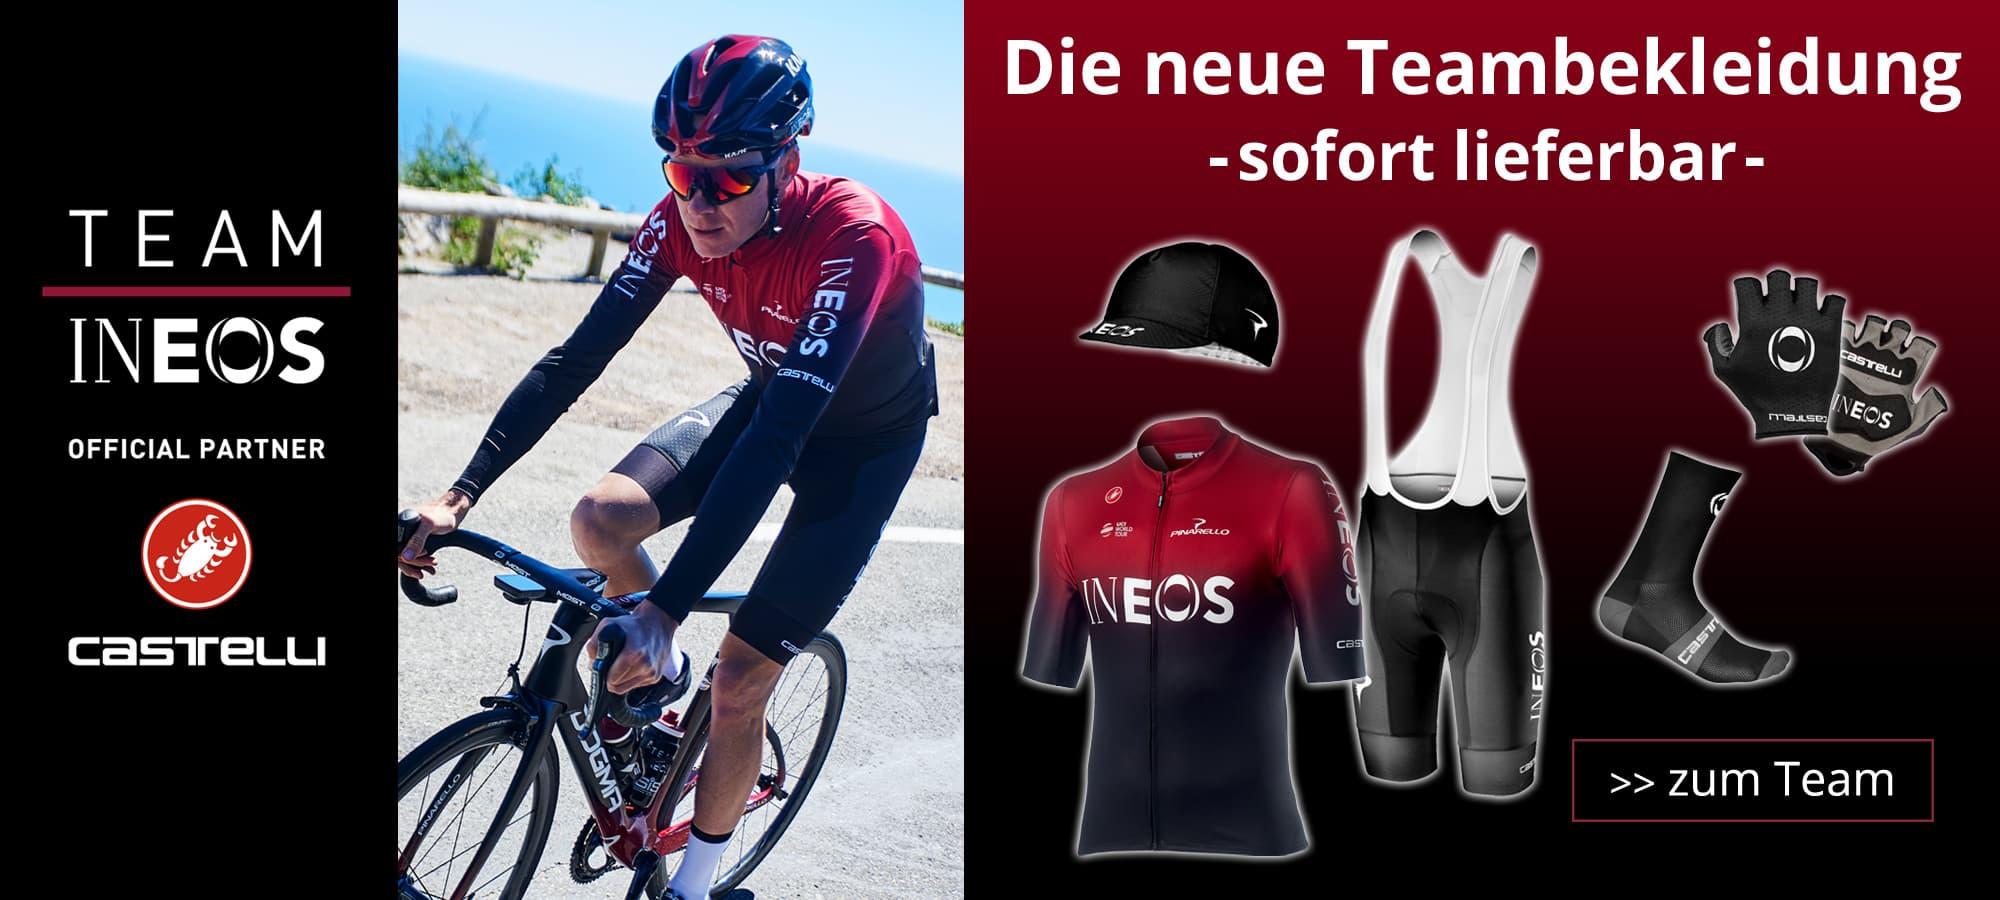 2105a61ebad02 ... Team Ineos - die Teambekleidung 2019 ...